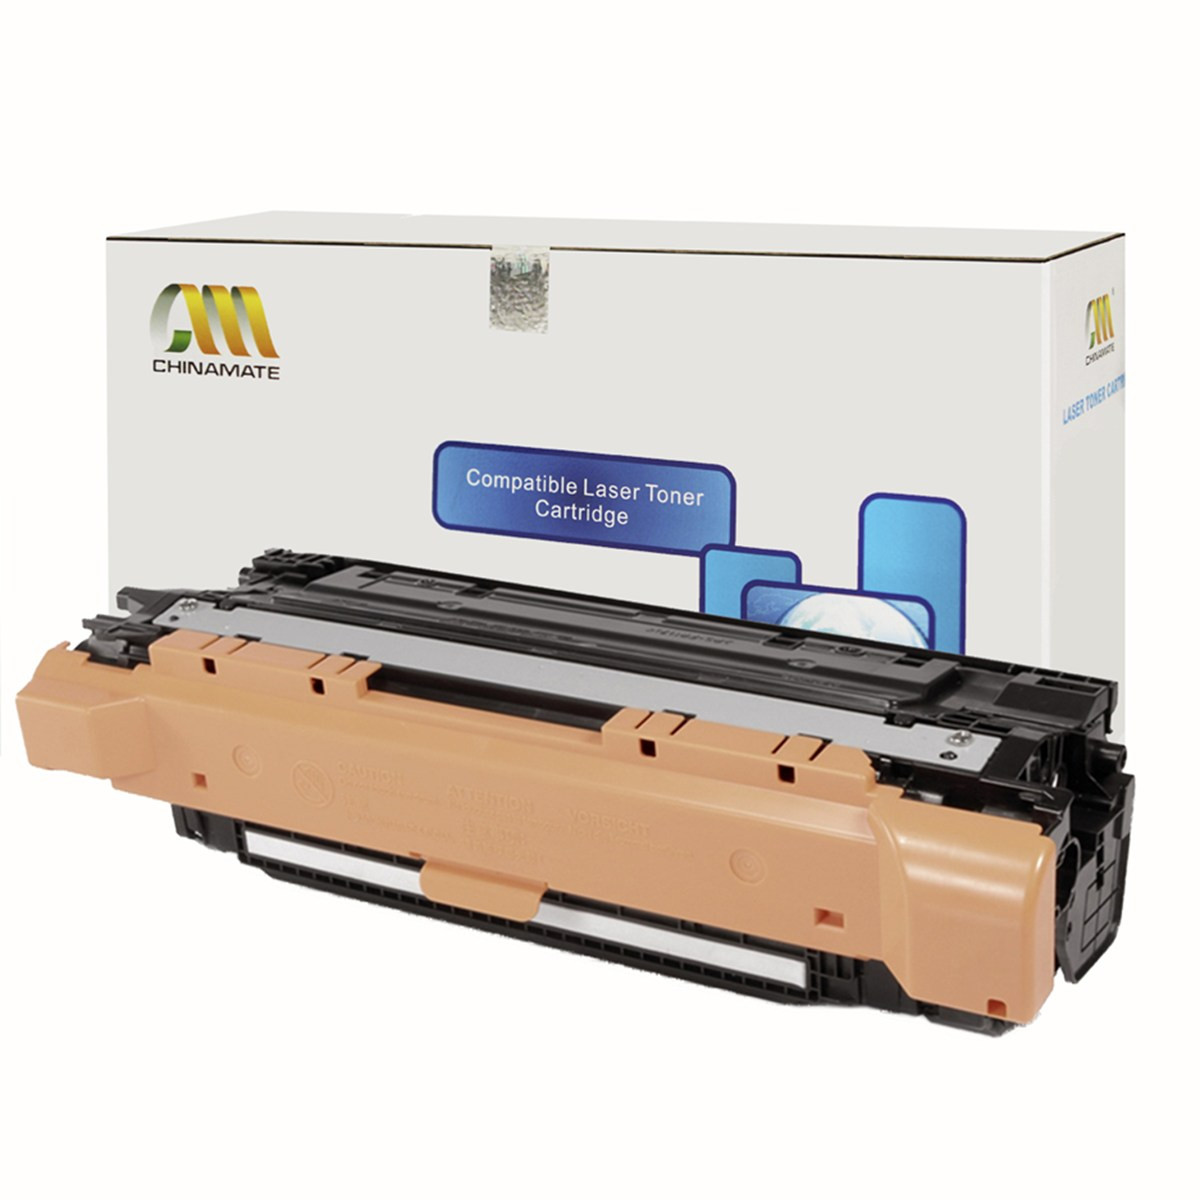 Toner Compatível com HP CE253A CE403A Magenta | CM3530 CP3525 M575 M570 M551 | Importado 7k